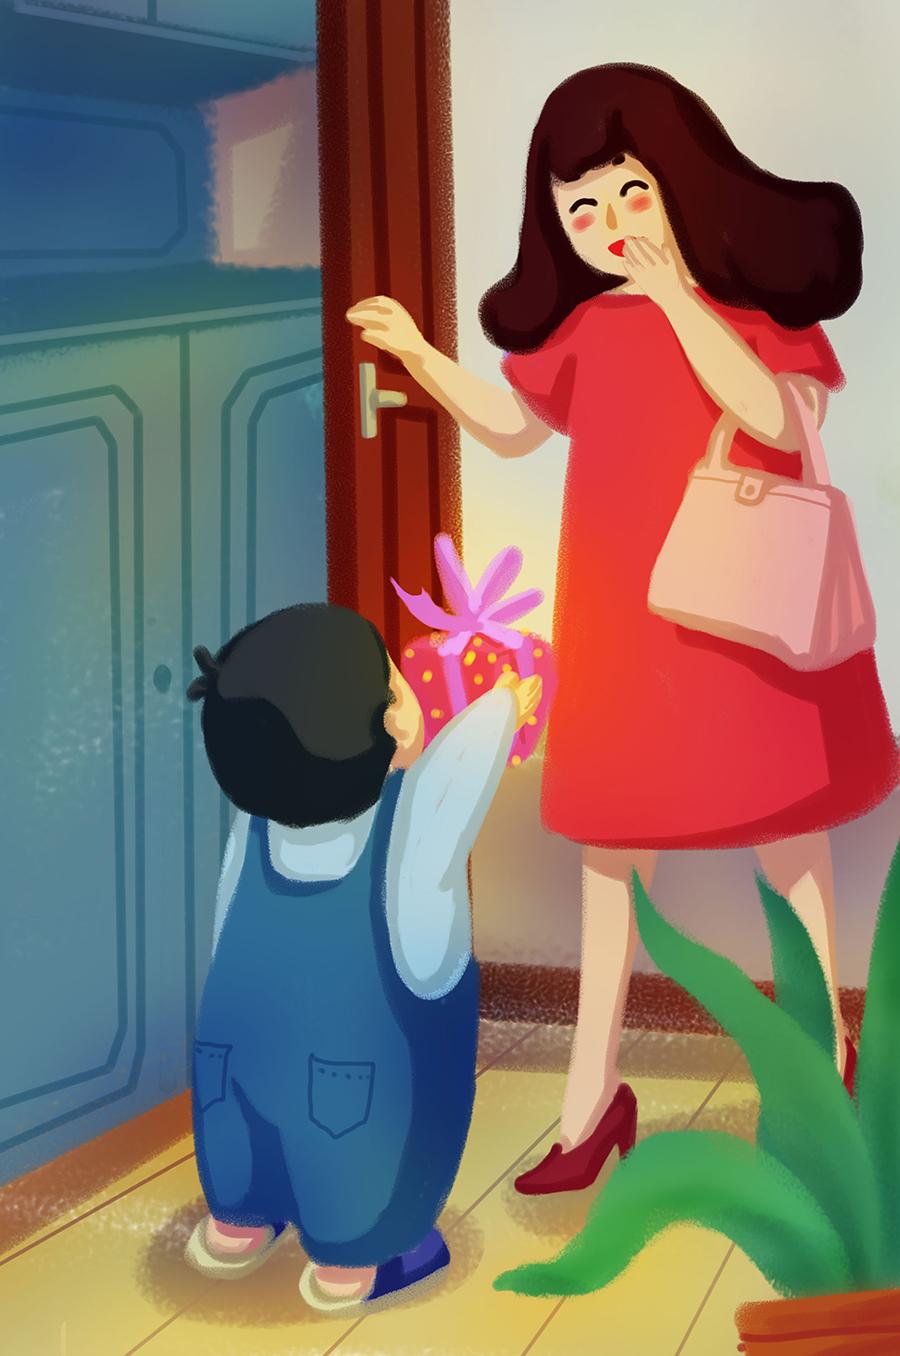 清新卡通手绘母亲节插画素材 插画-第8张